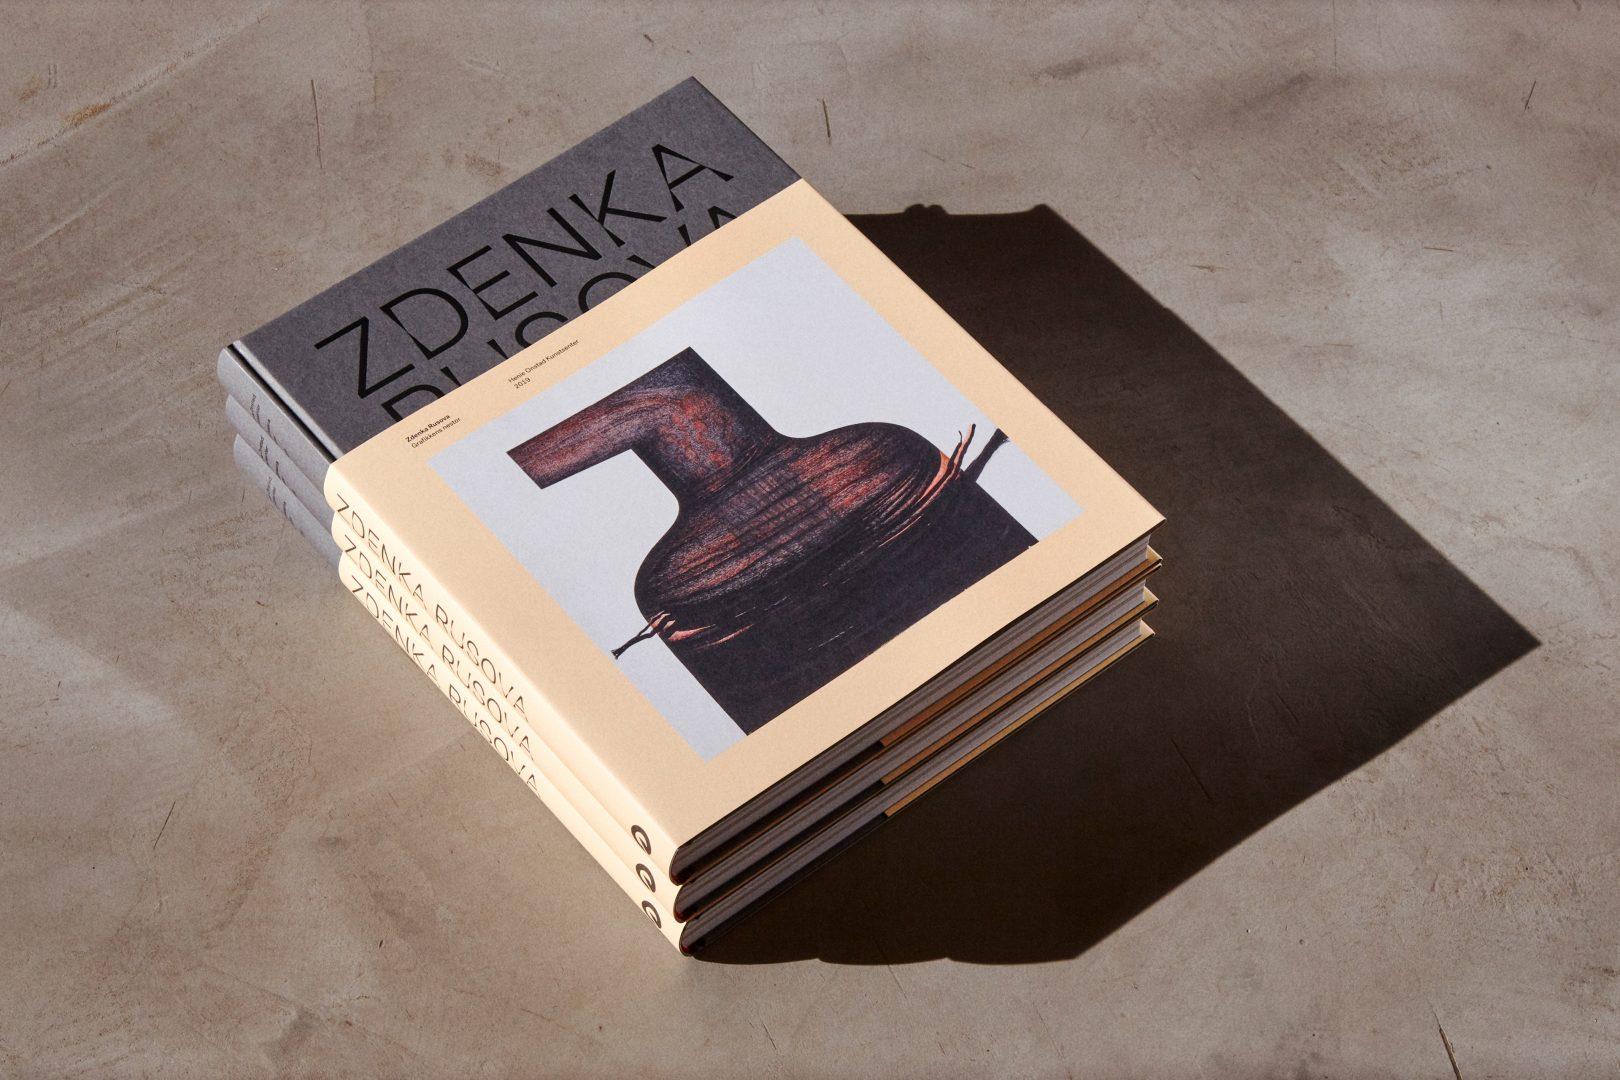 ANTI designed a catalogue for Zdenka Rusova exhibition